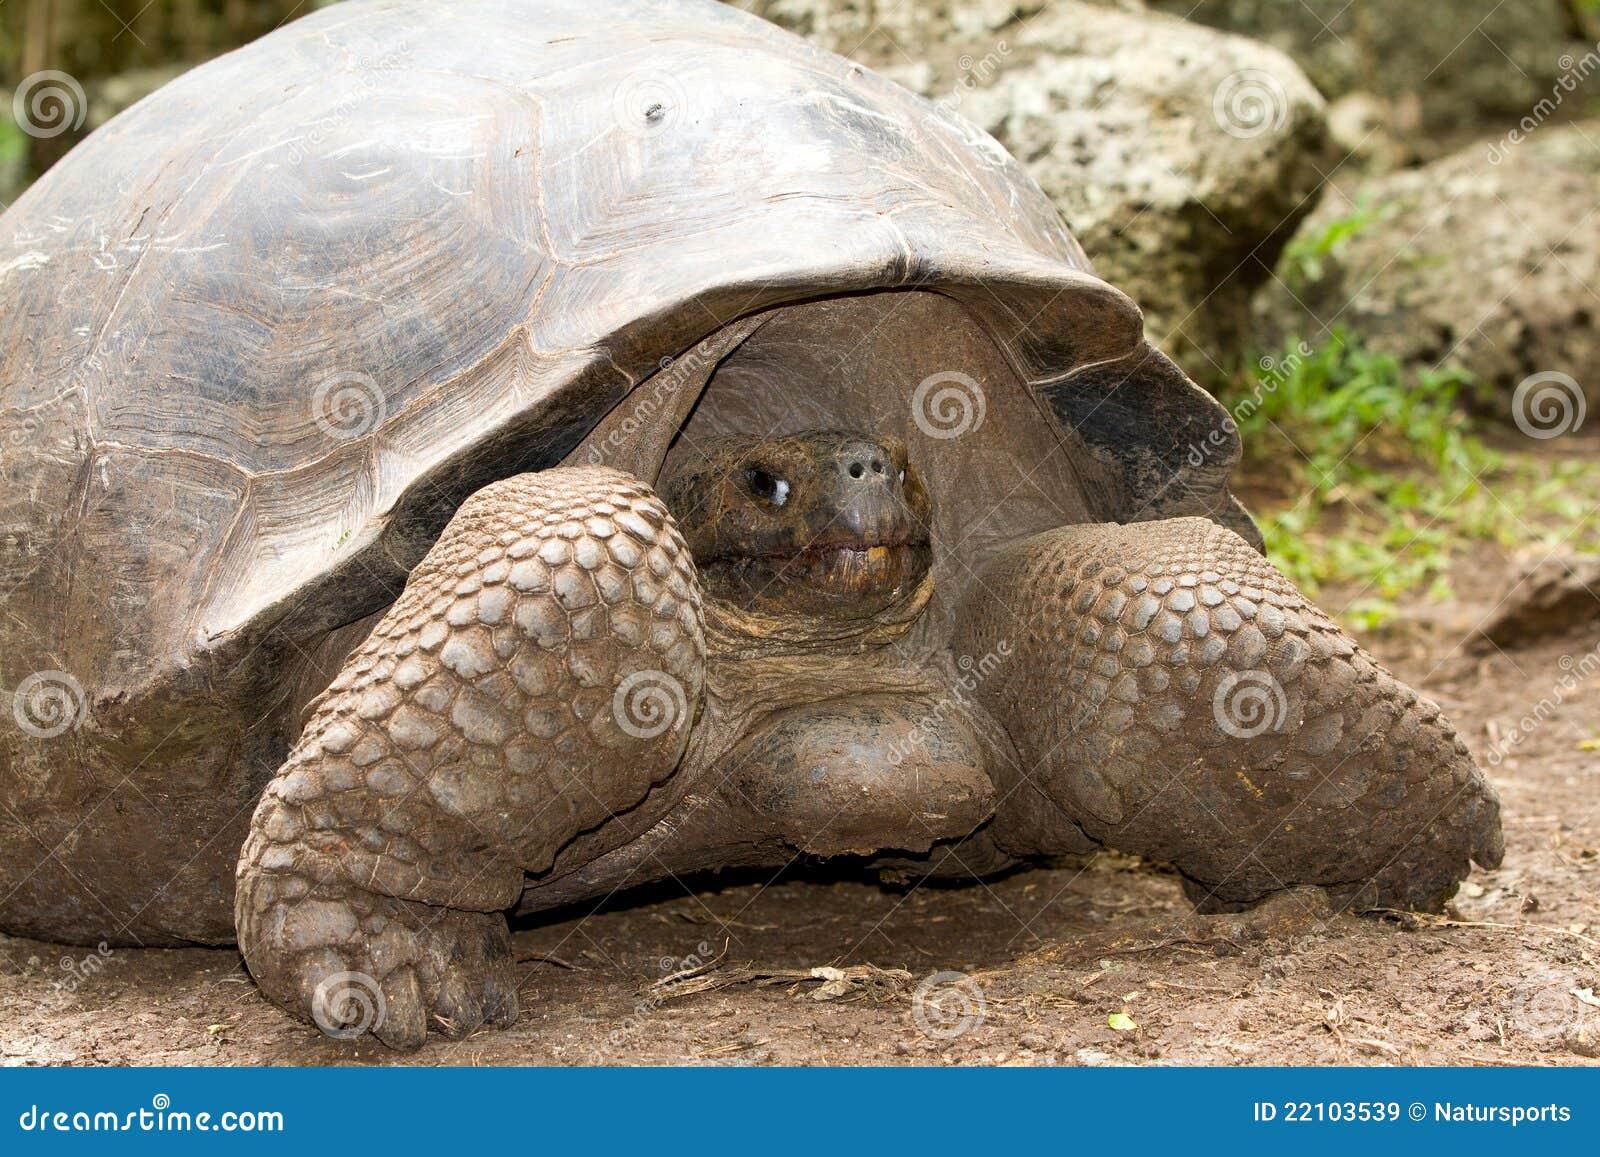 Tortuga gigante de las Islas Gal3apagos